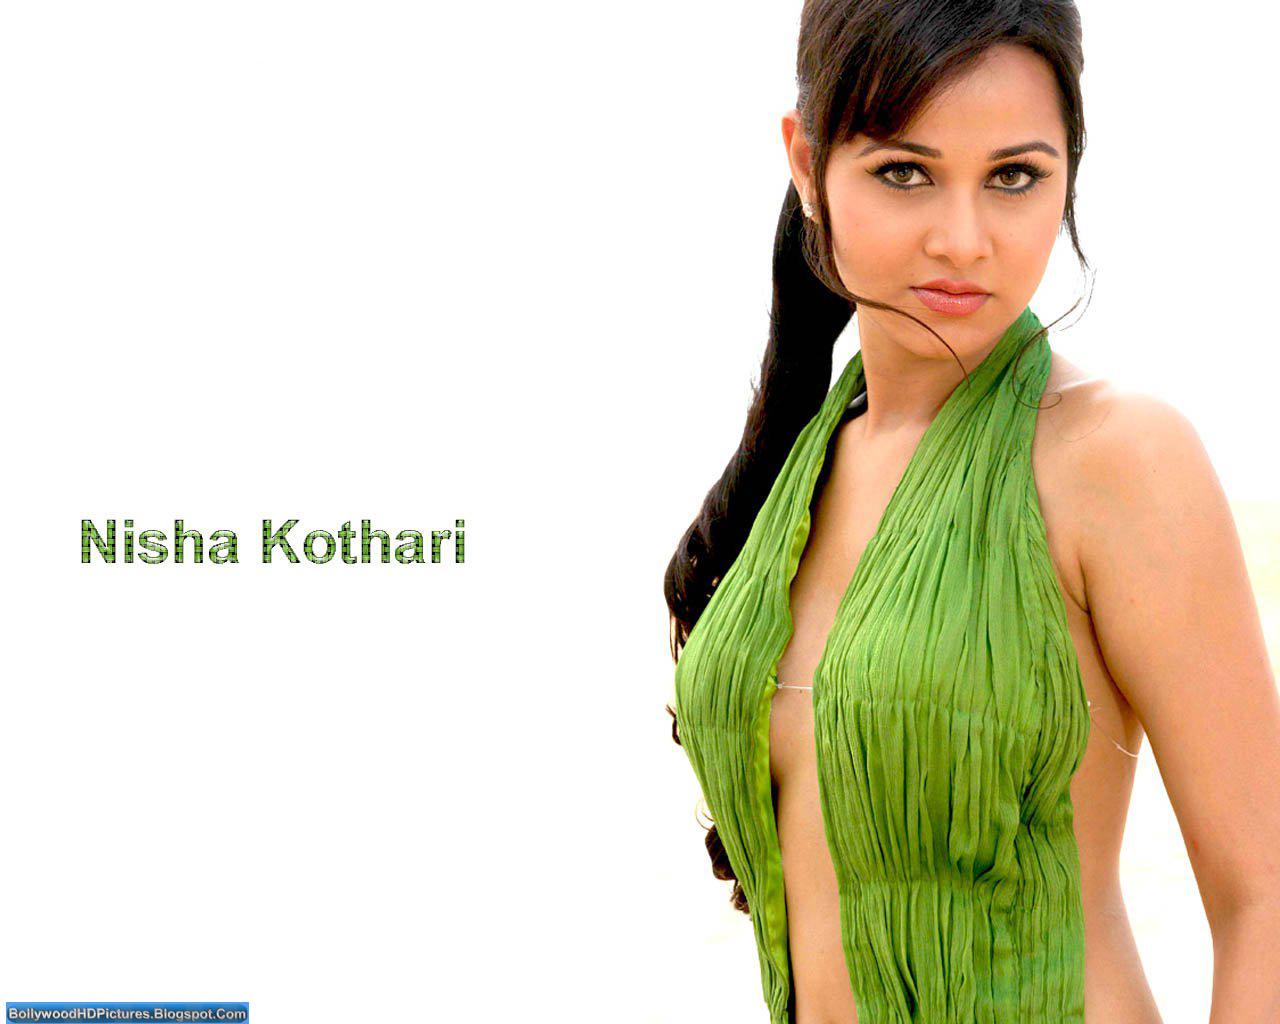 http://3.bp.blogspot.com/-lQQbr3XCpog/T7fe0U0lcBI/AAAAAAAAGd8/ahHiQu6O8xI/s1600/Nisha%2BKothari_361.jpg